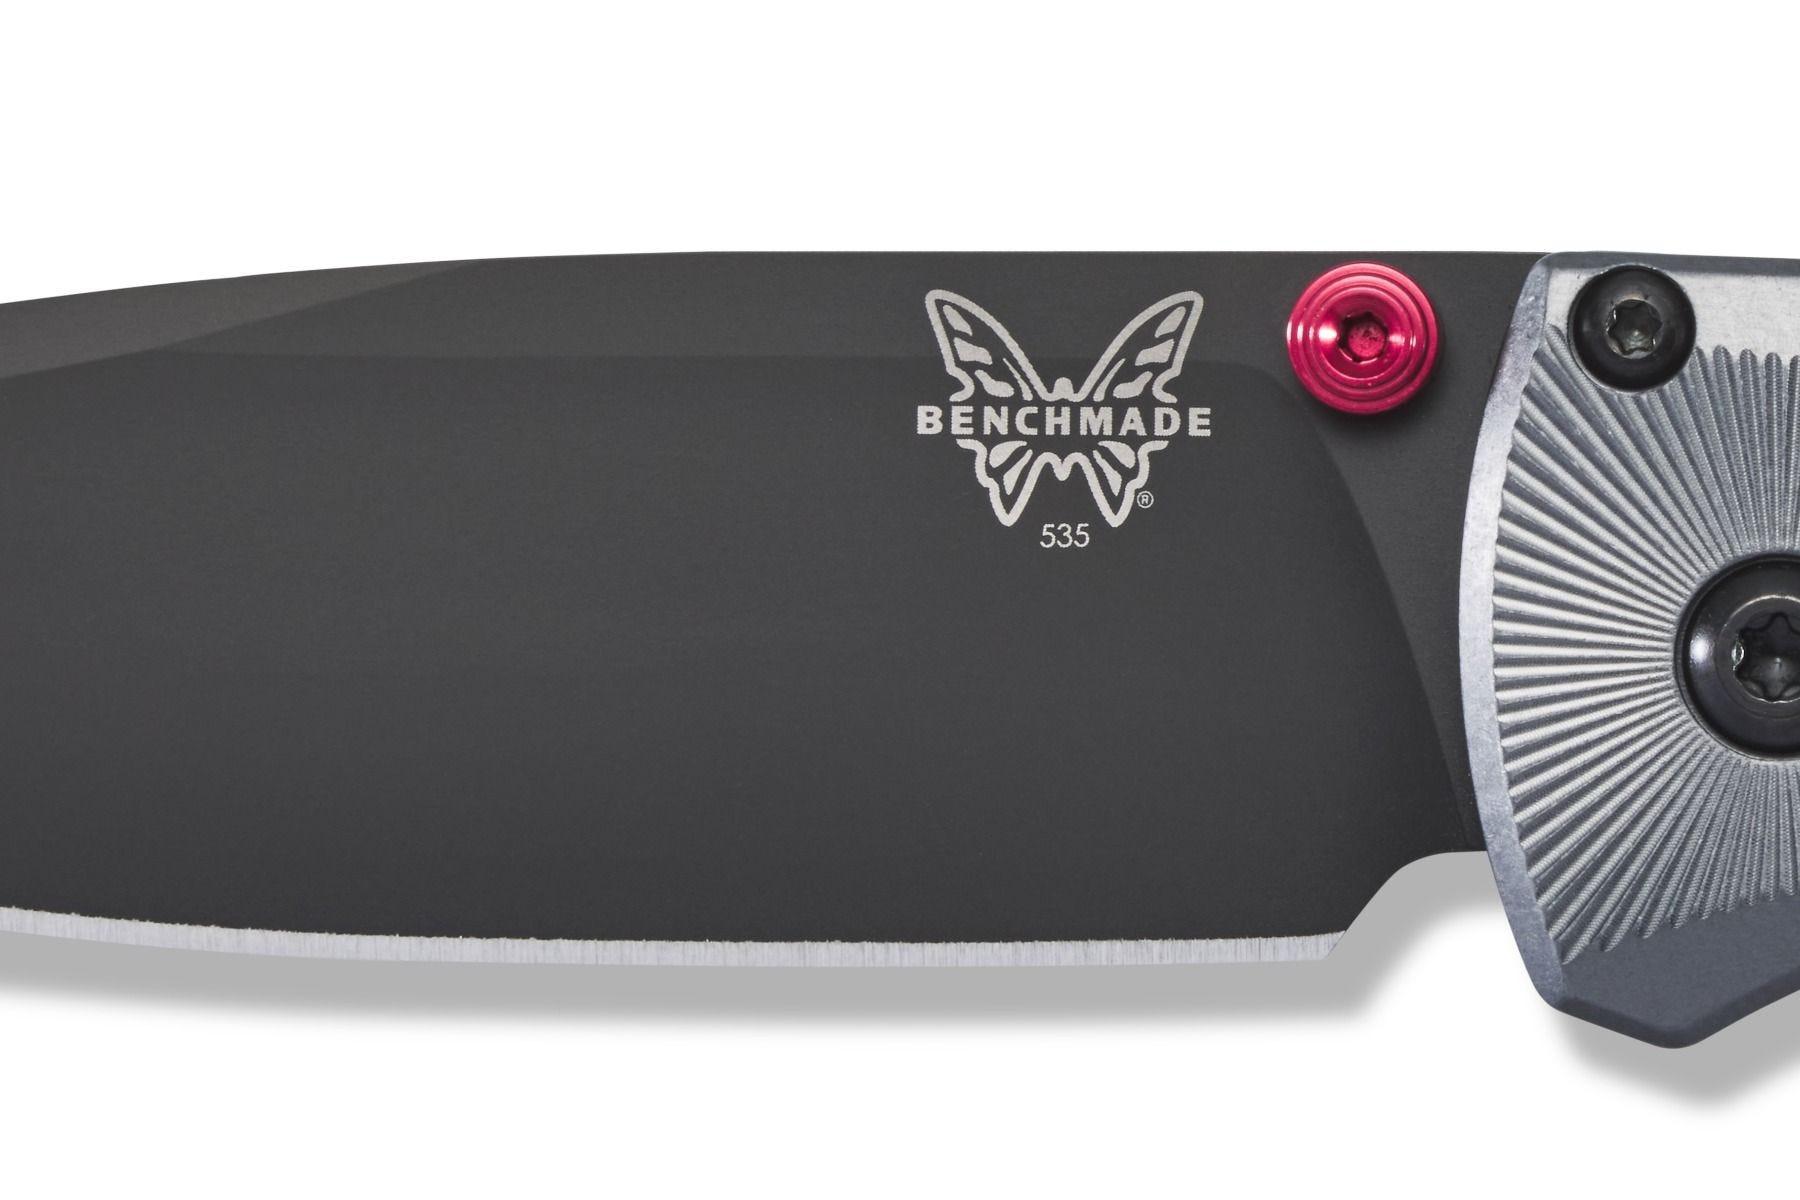 benchmade knife company 565bk-4 folder knife knives pocket knife edc